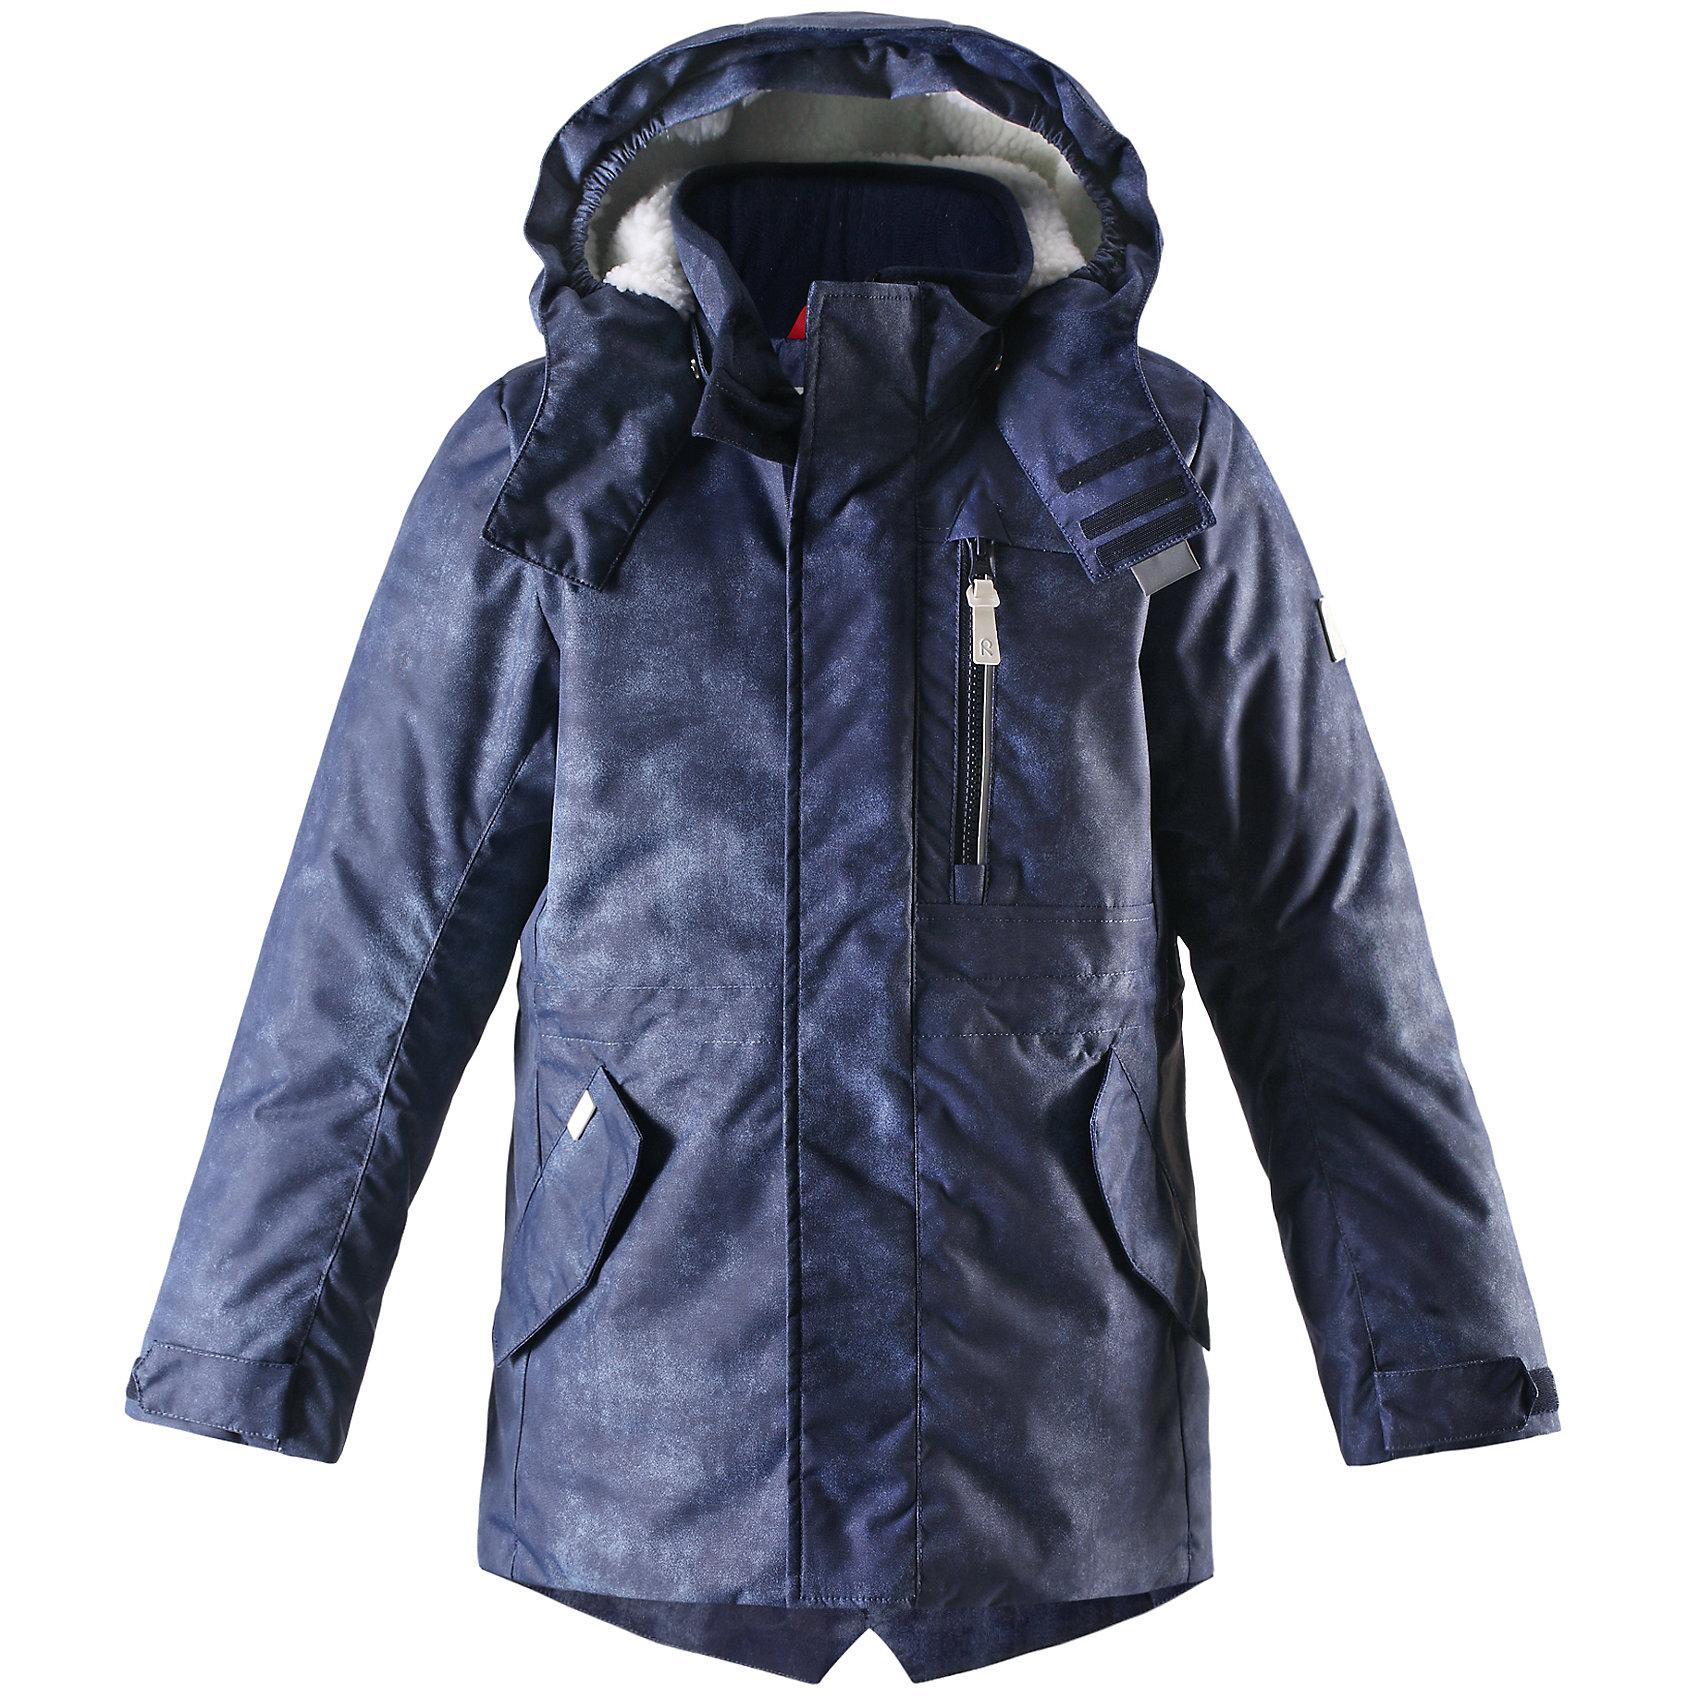 Куртка для мальчика ReimaЭта стильная зимняя куртка должна быть у всех модных любителей прогулок! Удлинённая модель прямого покроя для мальчиков отличается яркой расцветкой и создаёт восхитительный зимний образ! Куртка пошита из ветронепроницаемого дышащего материала, который отталкивает воду и грязь, поэтому она идеально подходит для любых уличных развлечений. Благодаря подкладке из гладкого полиэстера куртку легко надевать, а плюшевая подкладка на капюшоне и спинке очень мягкая на ощупь и оживляет образ. Съёмный капюшон не только защищает от холодного ветра, но и безопасен во время игр на свежем воздухе. Если закреплённый кнопками капюшон зацепится за что-нибудь, он легко отстегнётся. Более длинный задний подол обеспечивает дополнительную защиту. Традиционная и функциональная - отлично подходит для улицы!<br><br>Зимняя водоотталкивающая куртка для мальчика-подростка<br>Капюшон и спинка на плюшевой подкладке <br>Безопасный съёмный капюшон<br>Регулируемая талия<br>Два боковых кармана с клапанами на кнопках<br><br><br>Состав:<br>100% ПЭ, ПУ-покрытие<br>Средняя степень утепления (до - 20)<br><br>Куртку для мальчика Reima (Рейма) можно купить в нашем магазине.<br><br>Ширина мм: 356<br>Глубина мм: 10<br>Высота мм: 245<br>Вес г: 519<br>Цвет: синий<br>Возраст от месяцев: 48<br>Возраст до месяцев: 60<br>Пол: Мужской<br>Возраст: Детский<br>Размер: 110,122,146,152,140,134,128,116,104<br>SKU: 4208982